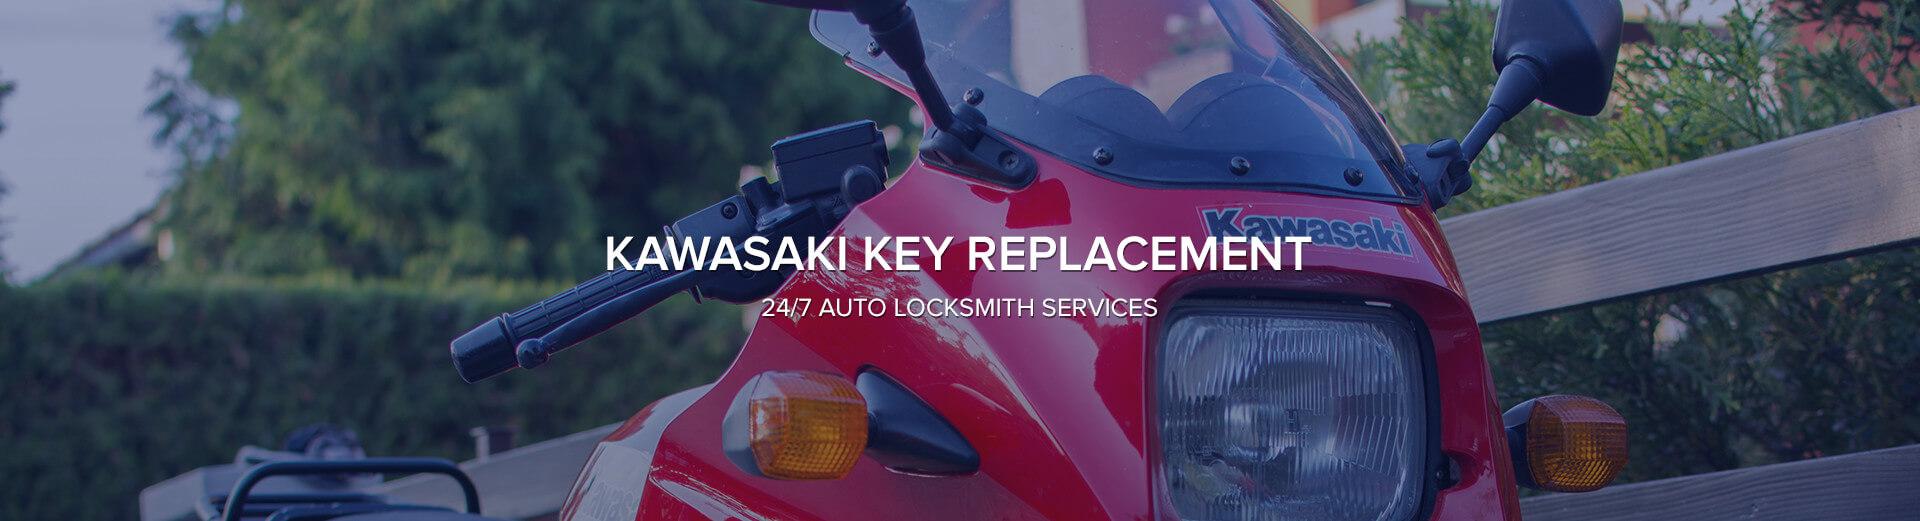 Lost Motorcycle Key Kawasaki